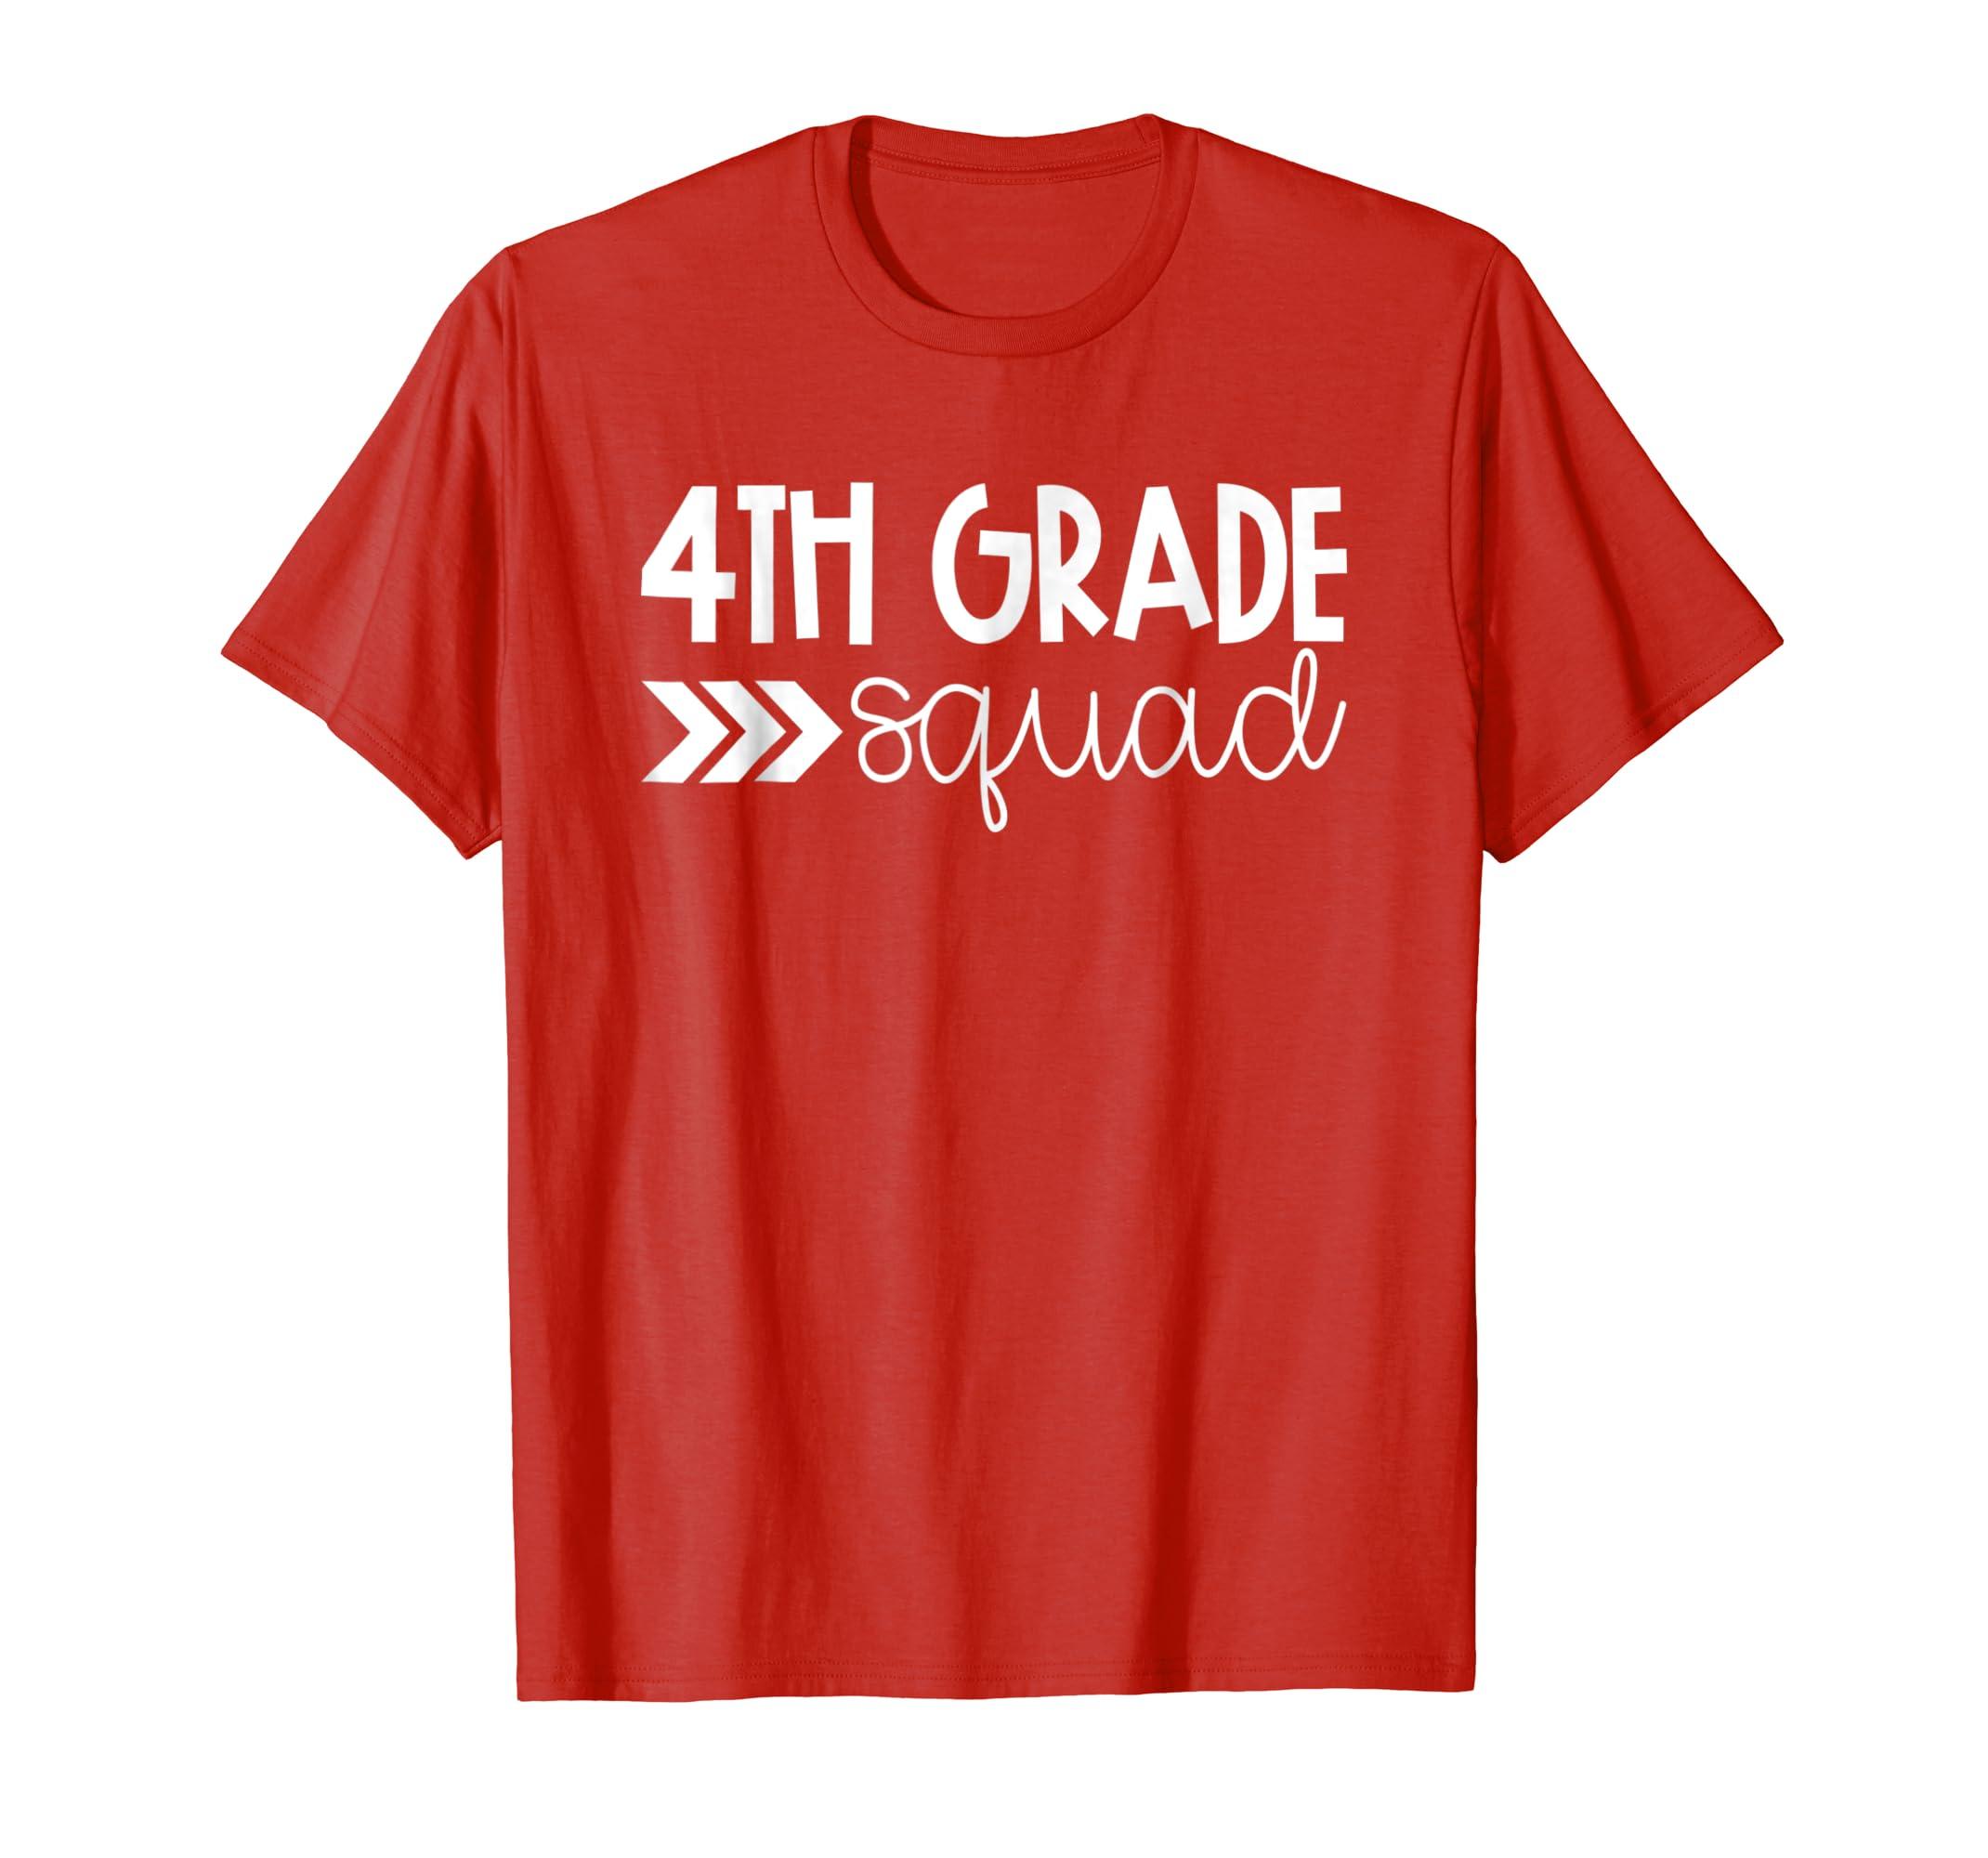 4th Grade Teacher Team Shirts   Fourth Grade Squad-ln